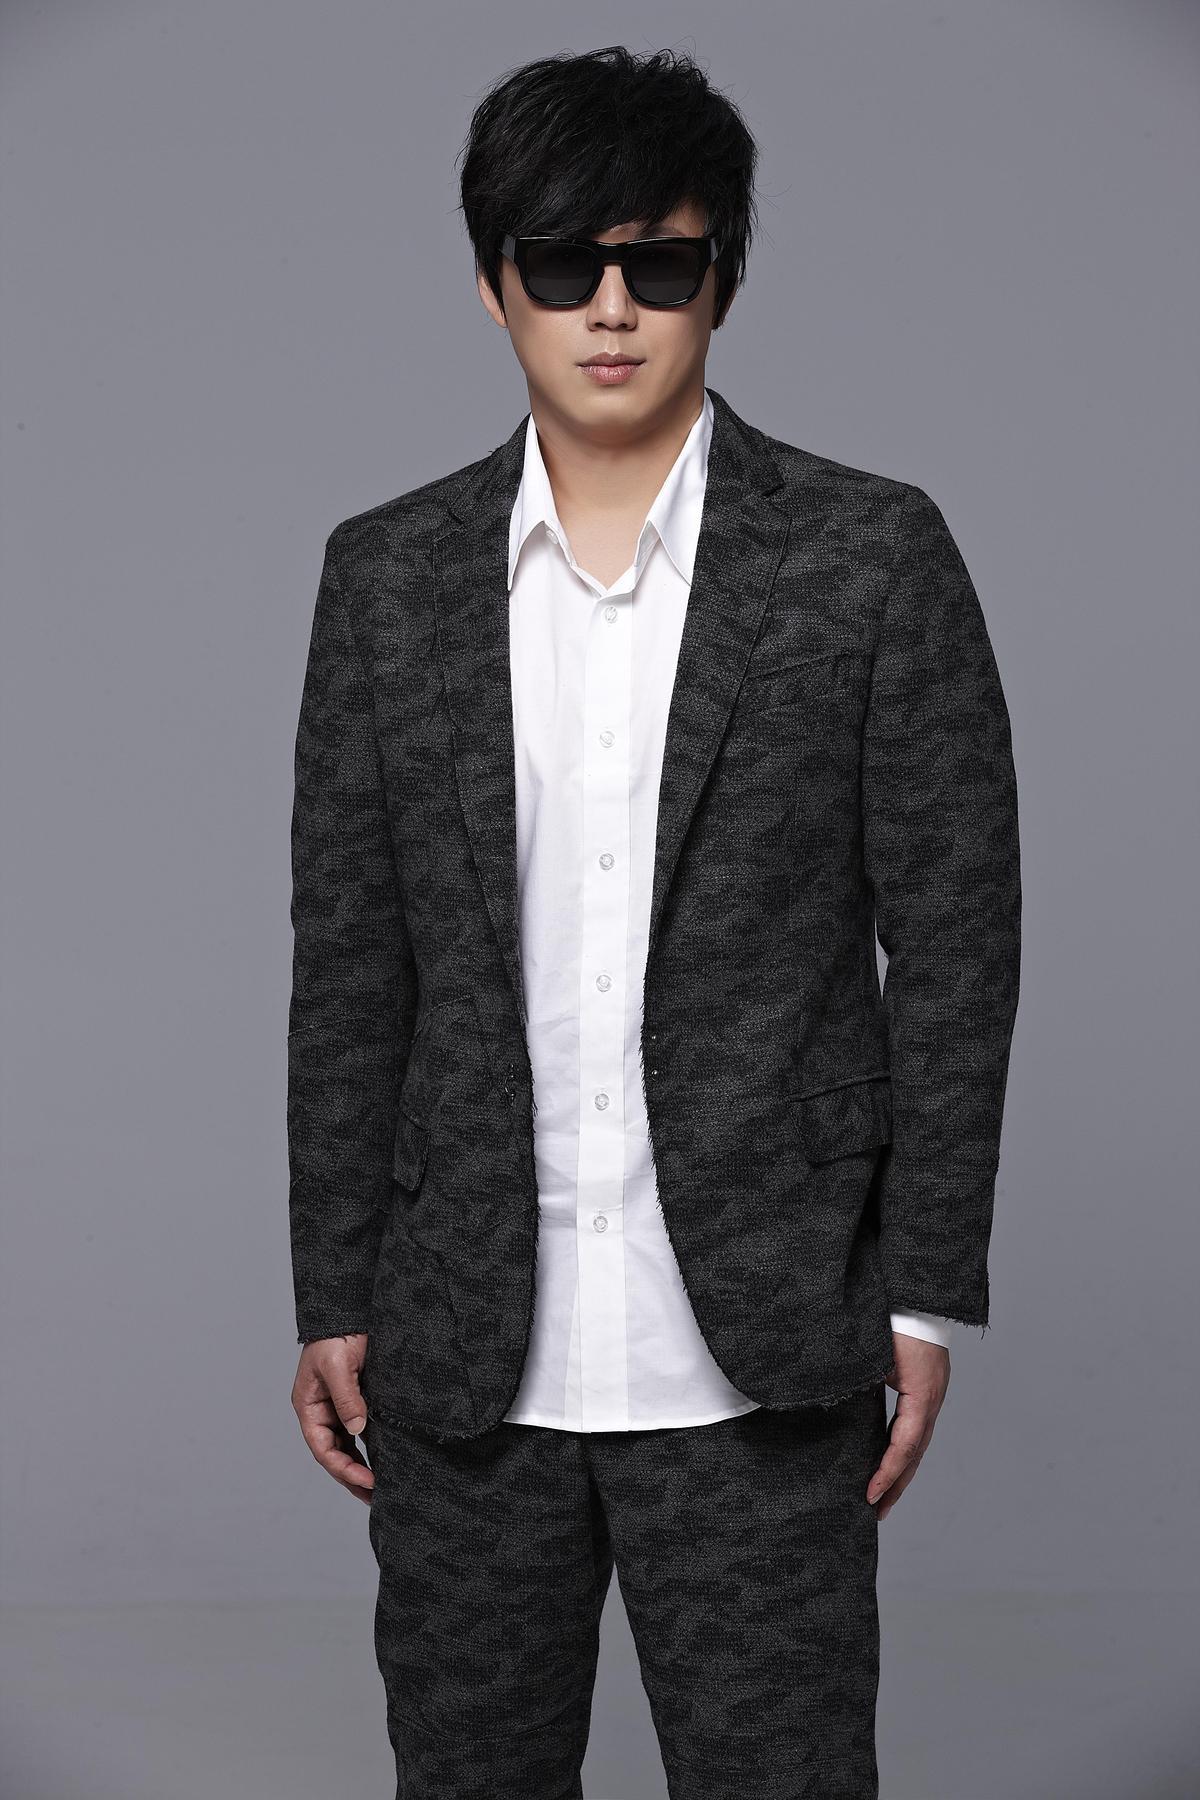 蕭煌奇拿過3座金曲獎最佳台語男演唱人,與洪榮宏並列記錄保持人。(星光音樂提供)